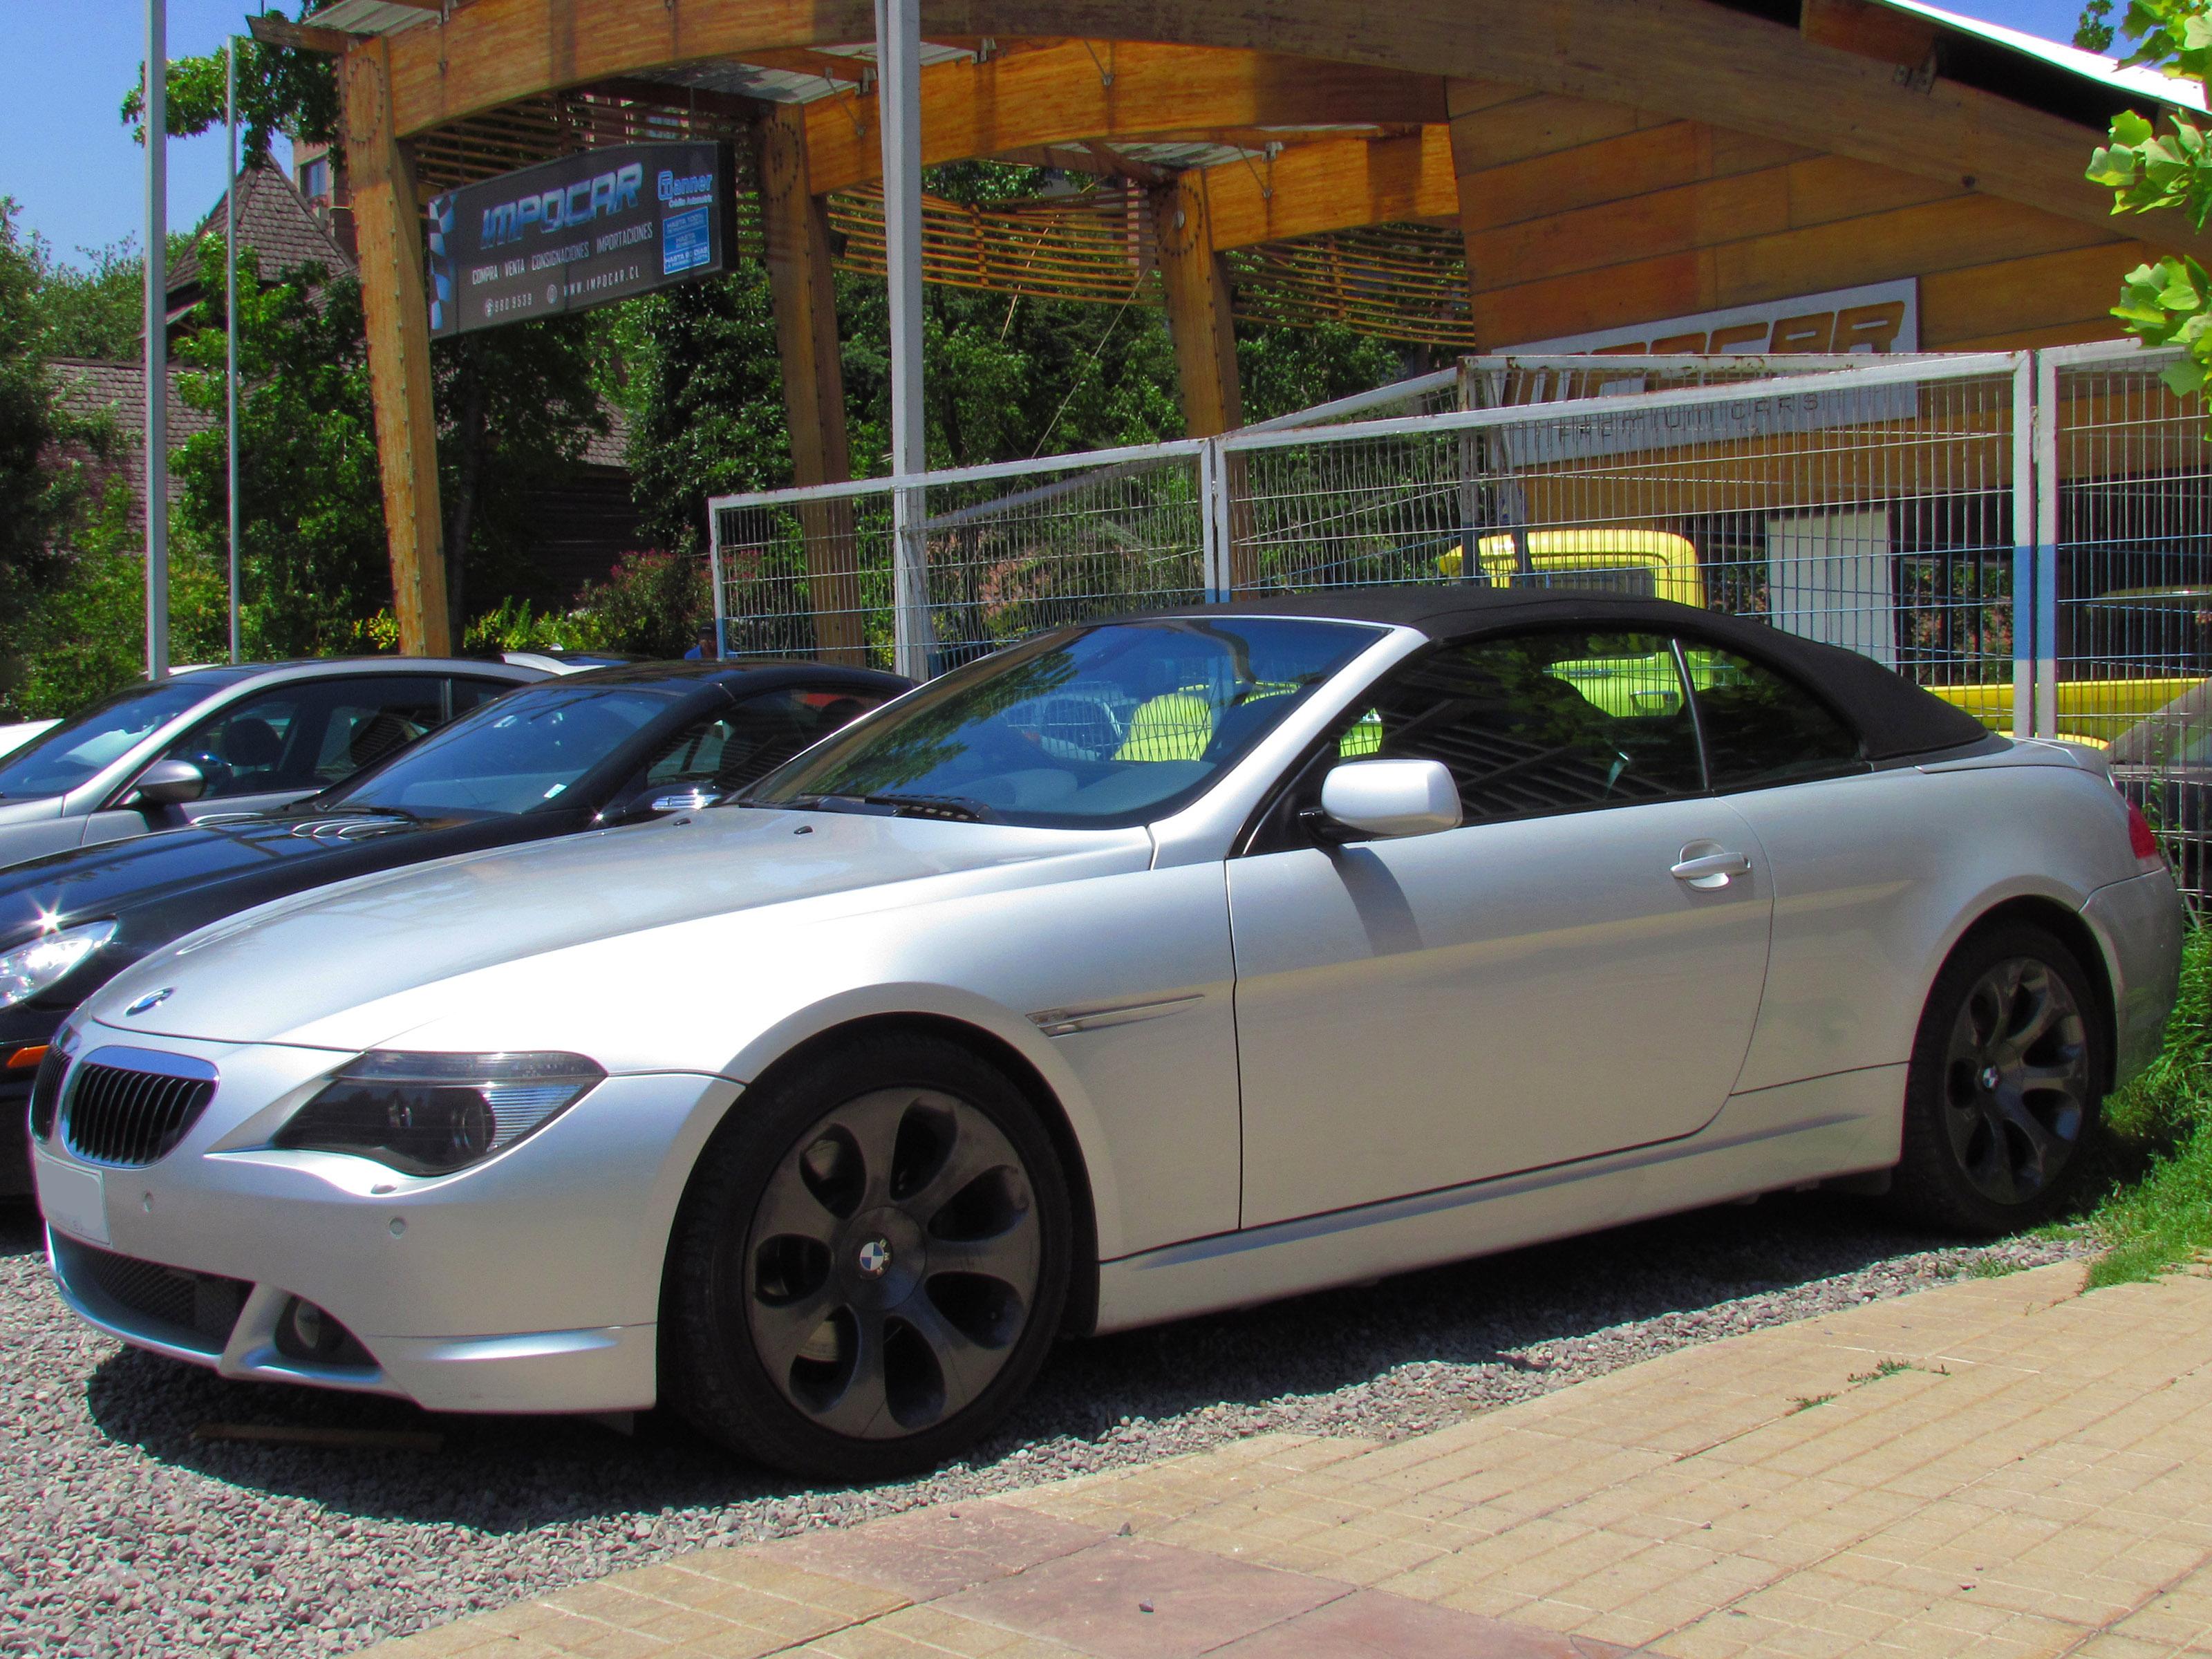 FileBMW I Cabriolet Jpg Wikimedia Commons - 645i bmw